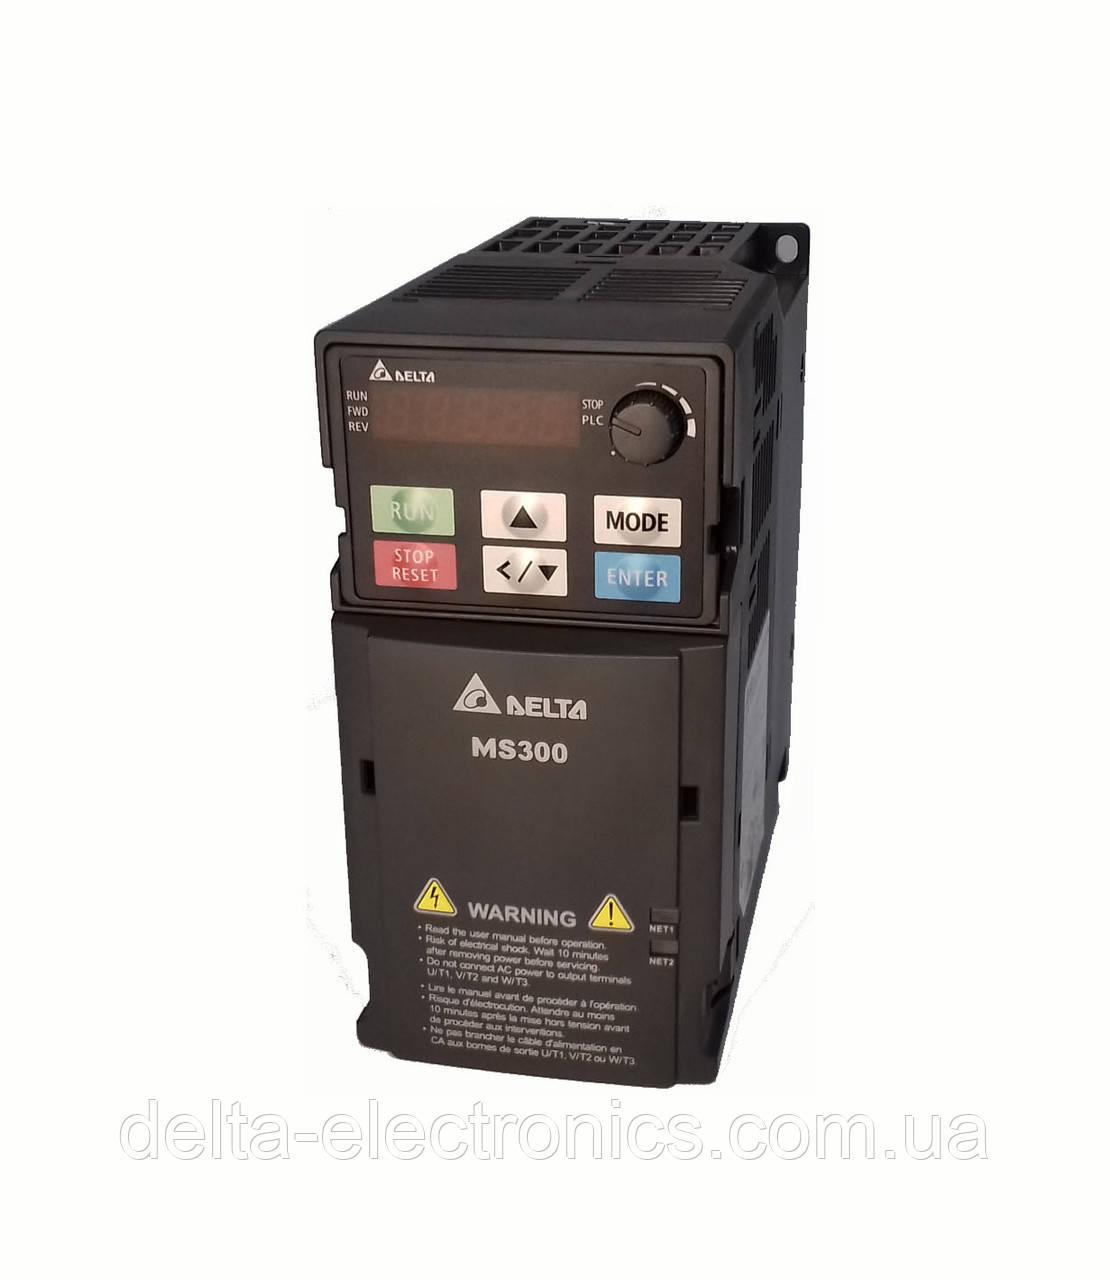 Преобразователь частоты MS300, 3x380В, 0,75 кВт, 2,7 /3,0А, ЭМС С2 фильтр, векторный, c ПЛК, VFD2A7MS43AFSAA